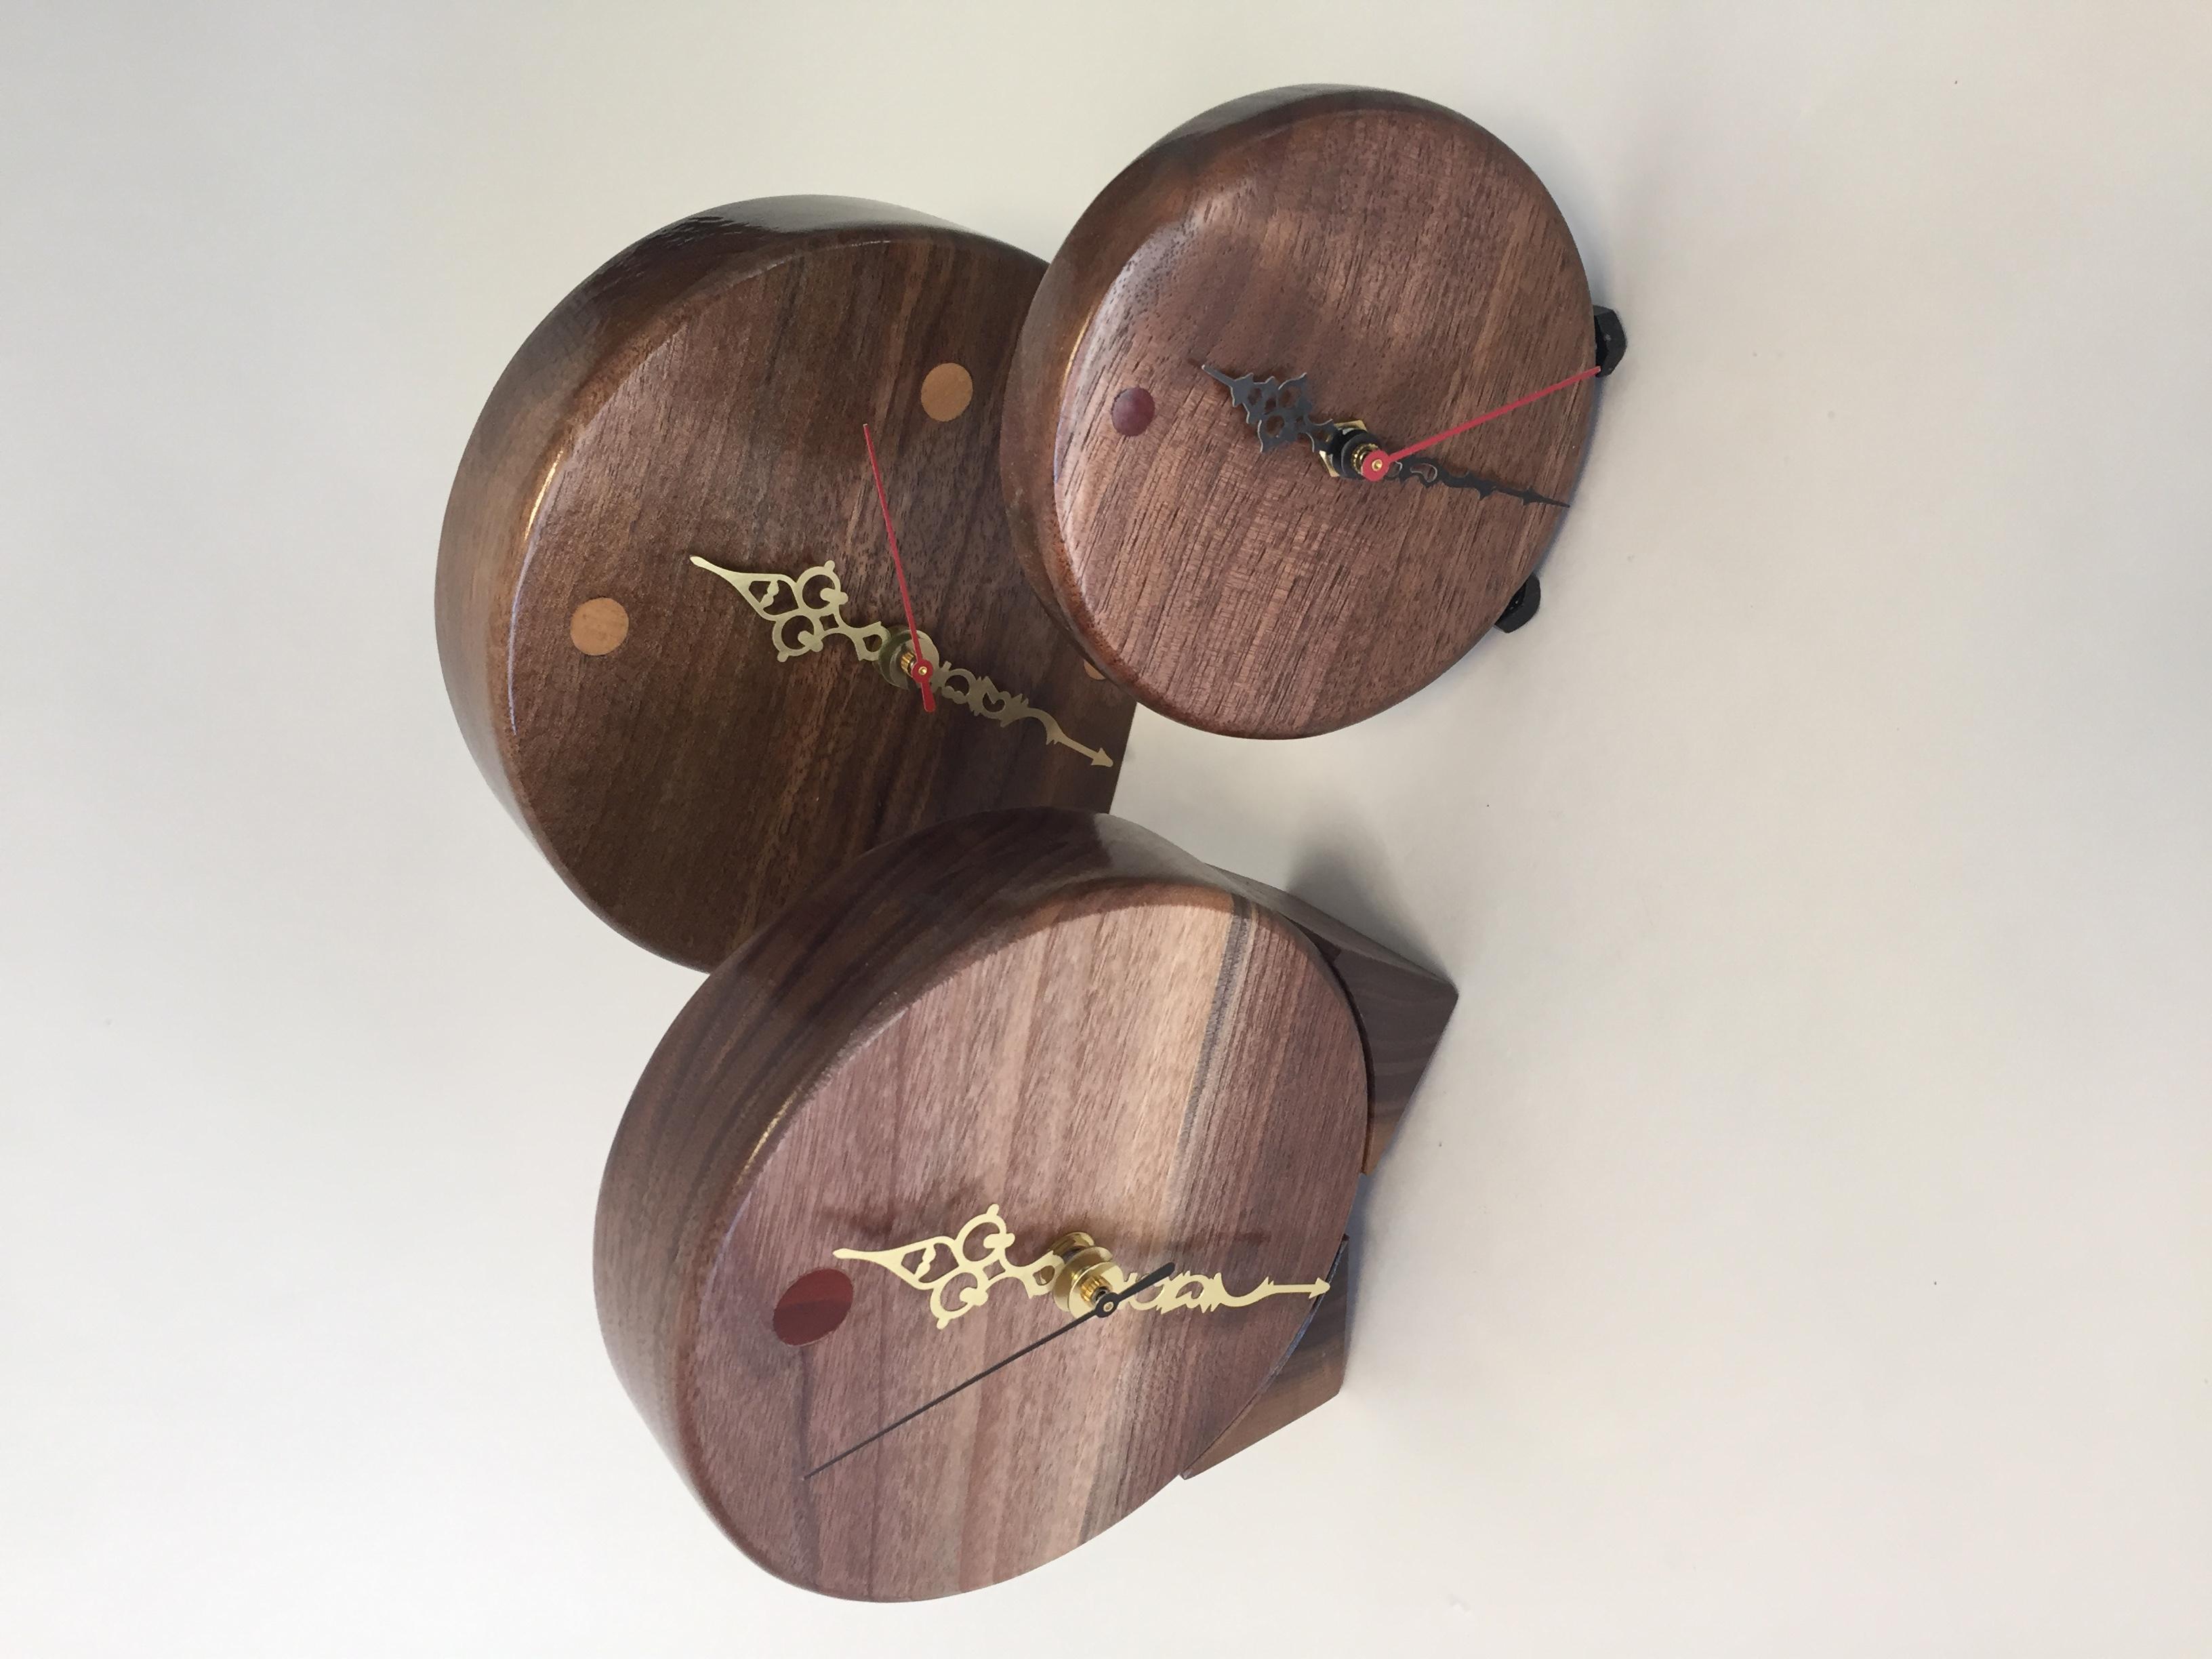 Walnut clocks